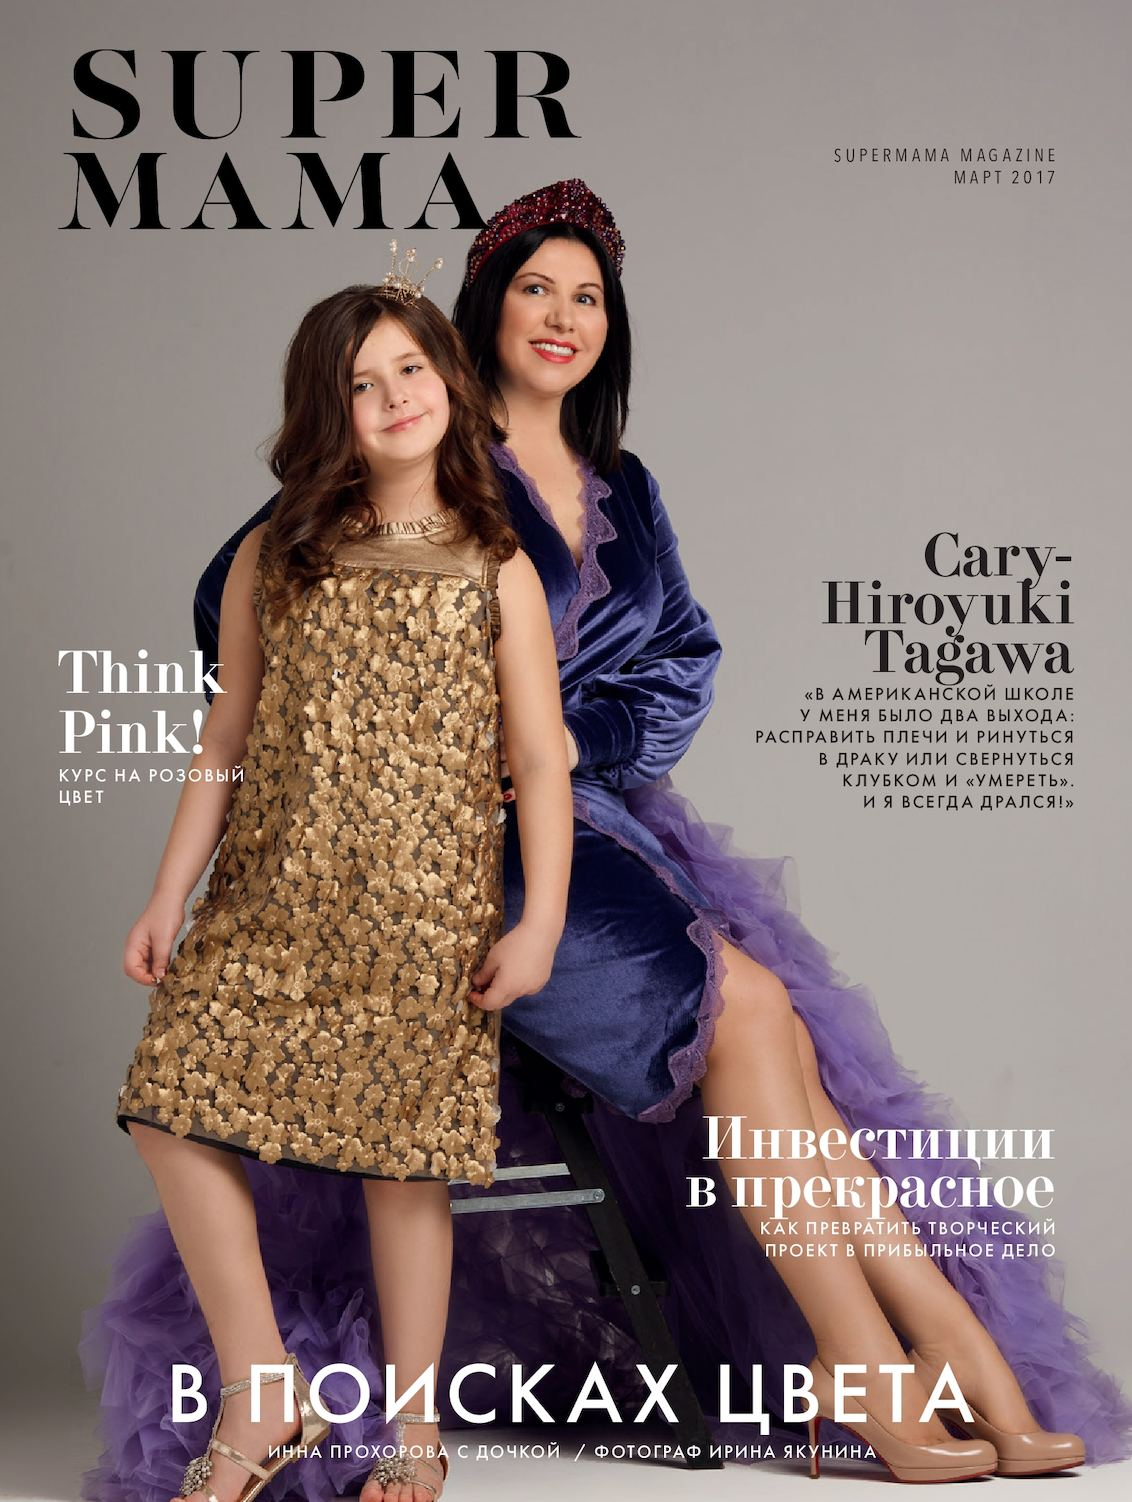 Одинаковые платья для мамы и дочки — гармония в образах близких людей